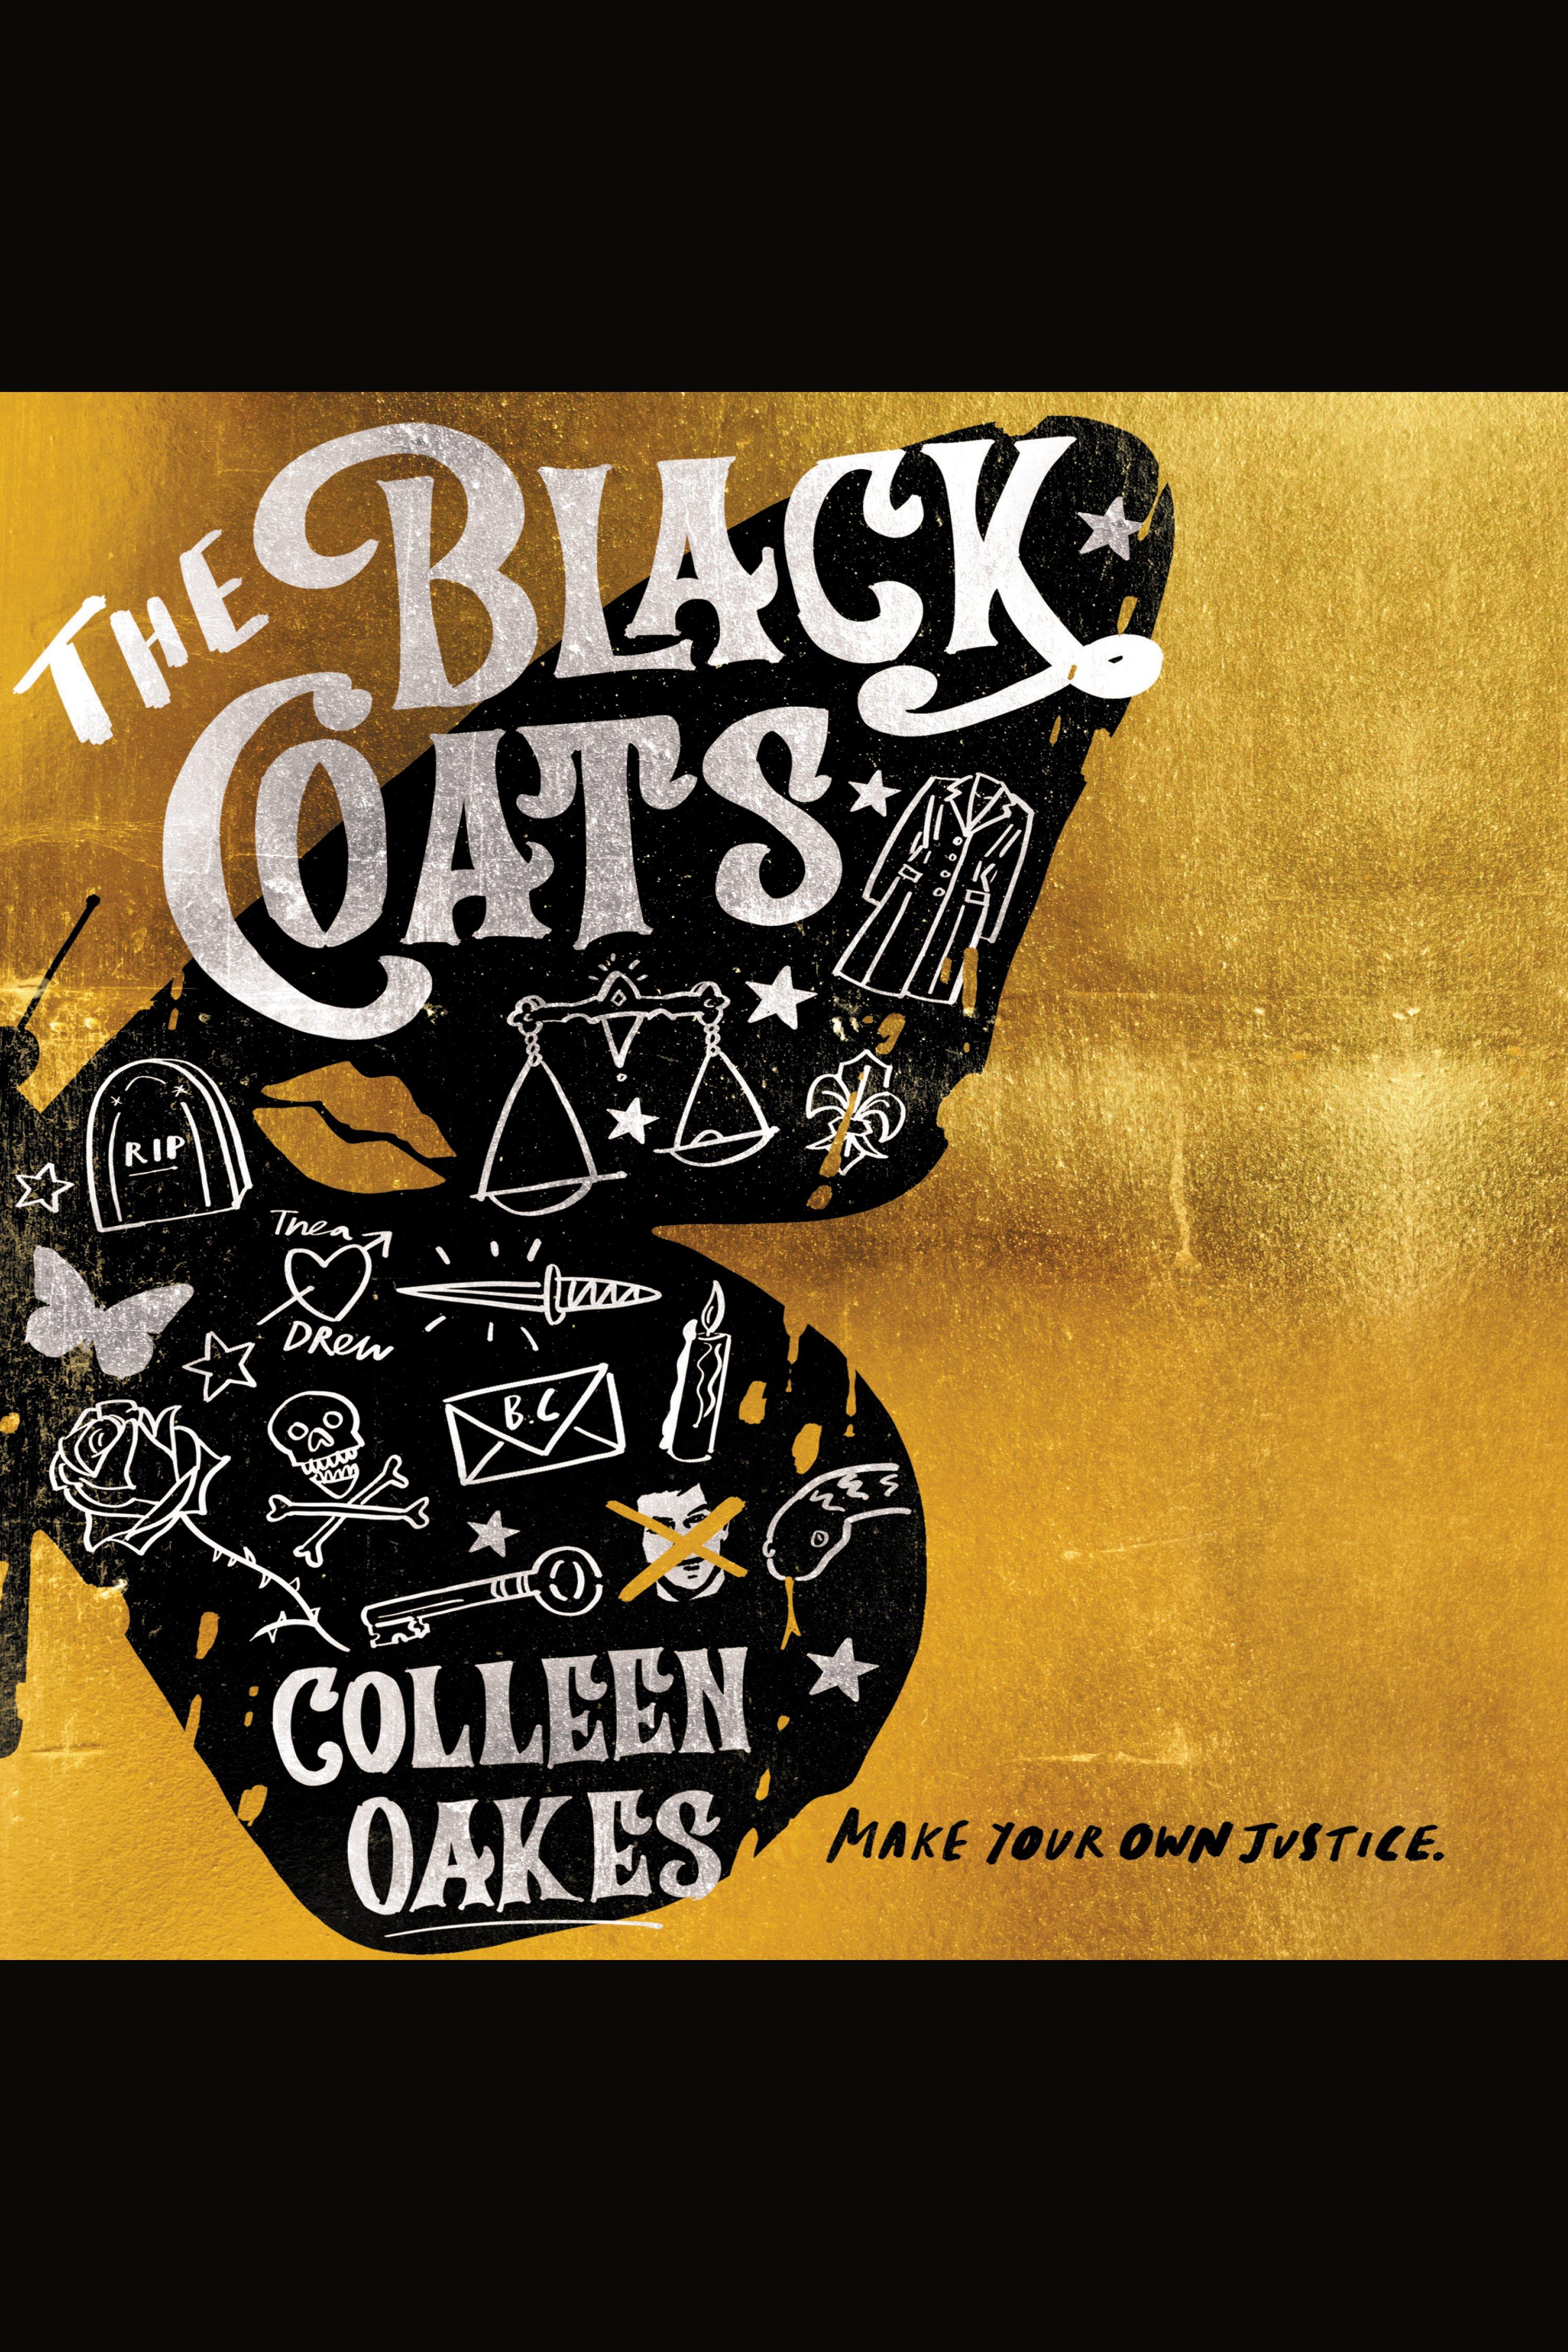 Black Coats, The